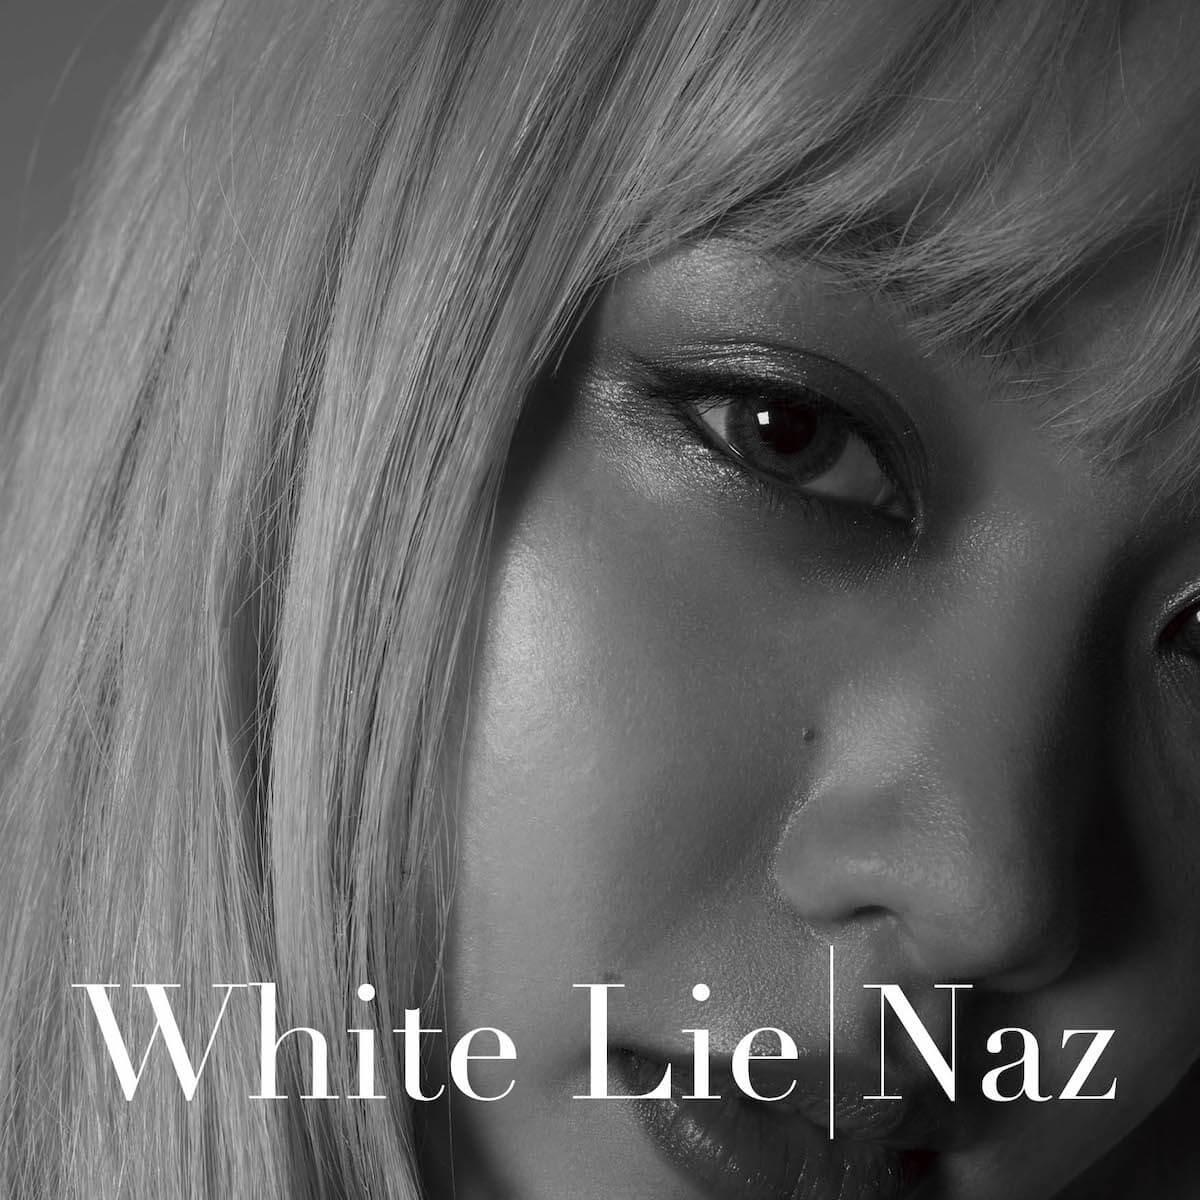 世界が絶賛!19歳シンガーNaz、デビューEPよりWONK・江﨑プロデュース「White Lie」の先行配信&MV公開 music190607naz-whitelie_2